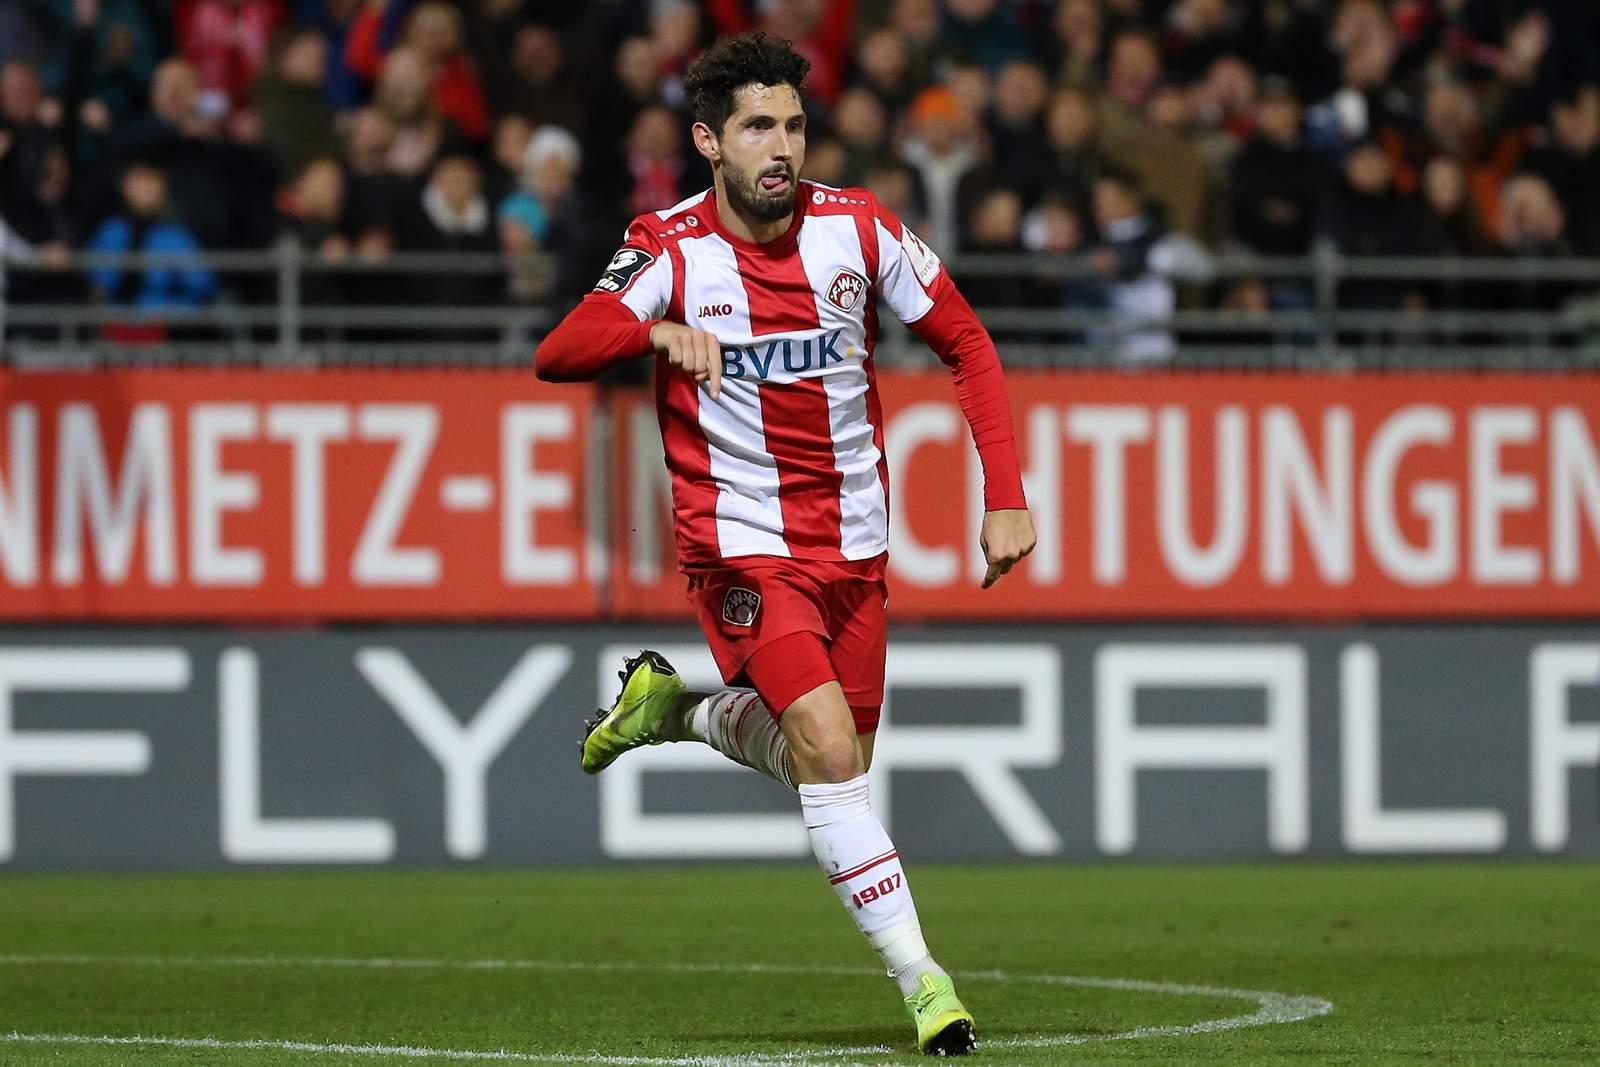 Fabio Kaufmann bejubelt seinen Siegtreffer gegen 1860.